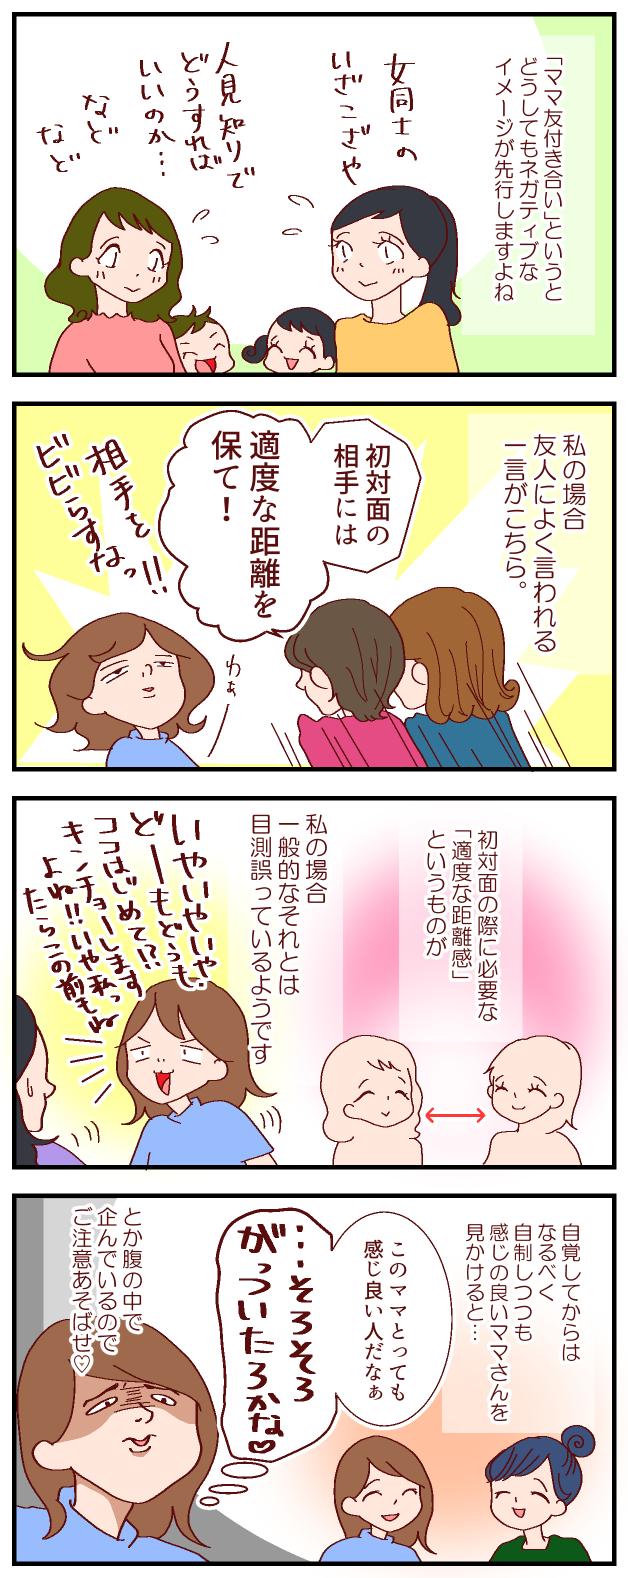 ママ友づくりにガツガツはNG!? 大切なのは「適度な距離感」!【良妻賢母になるまでは。 第35話】